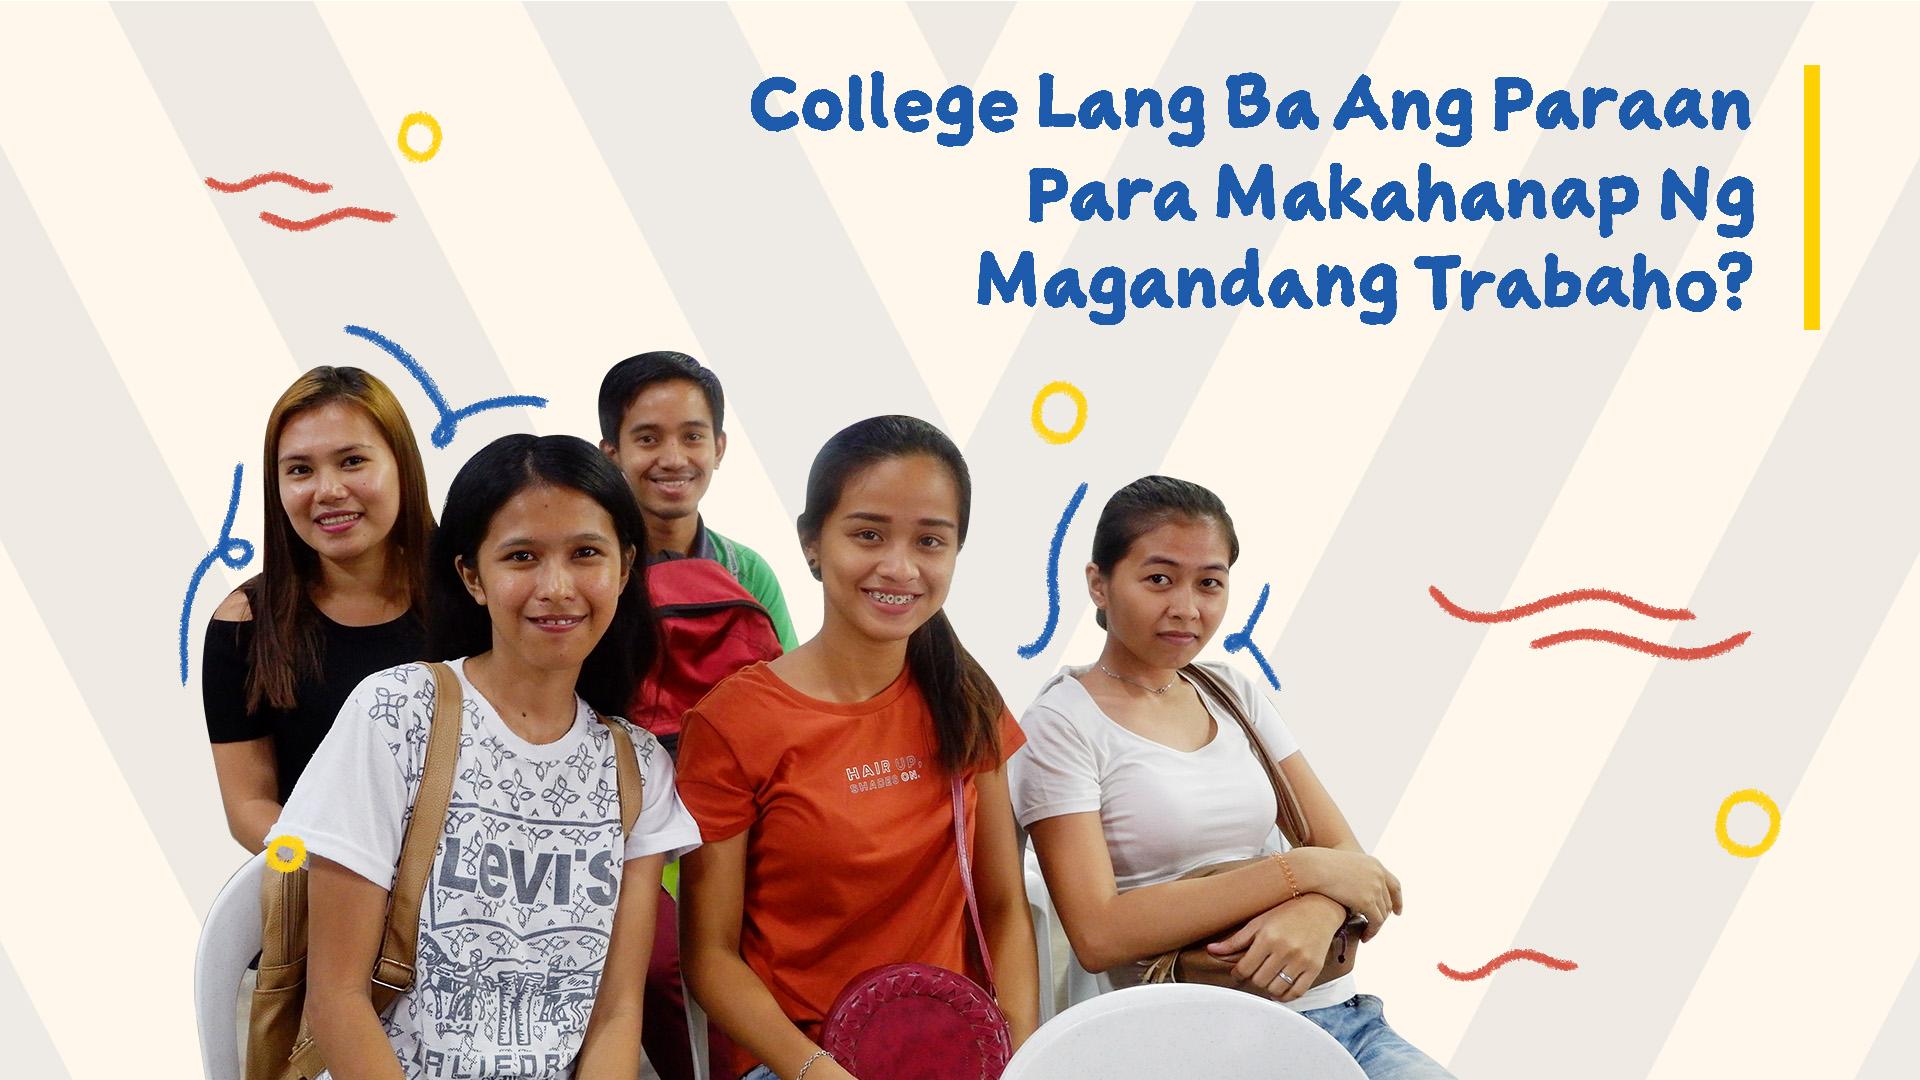 """collage of women smiling and text, """"College Lang Ba Ang Paraan Para Makahanap Ng Magandang Trabaho?"""""""